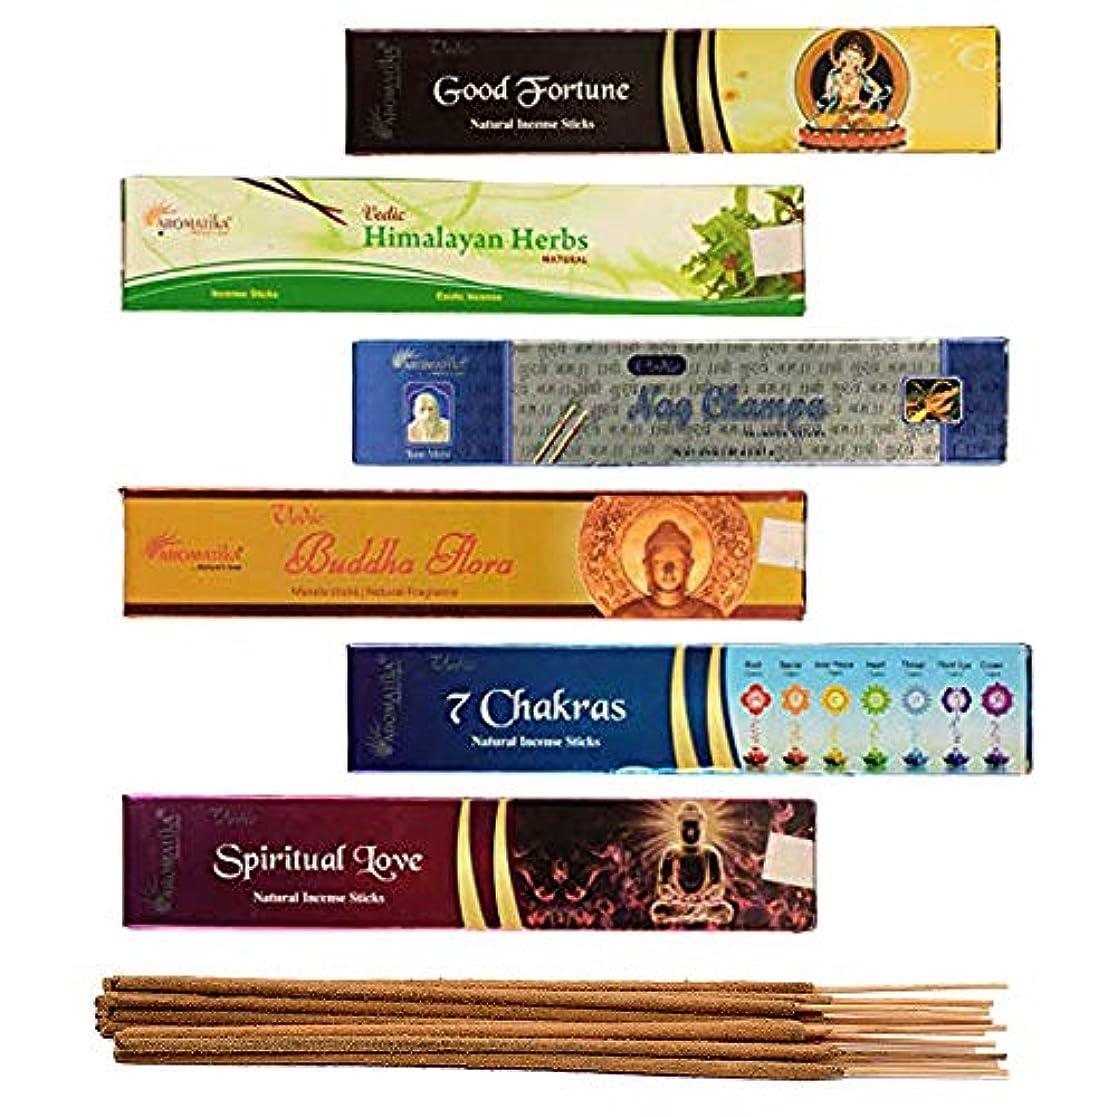 朝食を食べる増強するタイトaromatika 6 Assorted Masala Incense Sticks Vedic Nag Champa、7チャクラ、ブッダFlora、Himalayanハーブ、Good Fortune、Spiritual Love WithメタルSun Incense Stick Holder